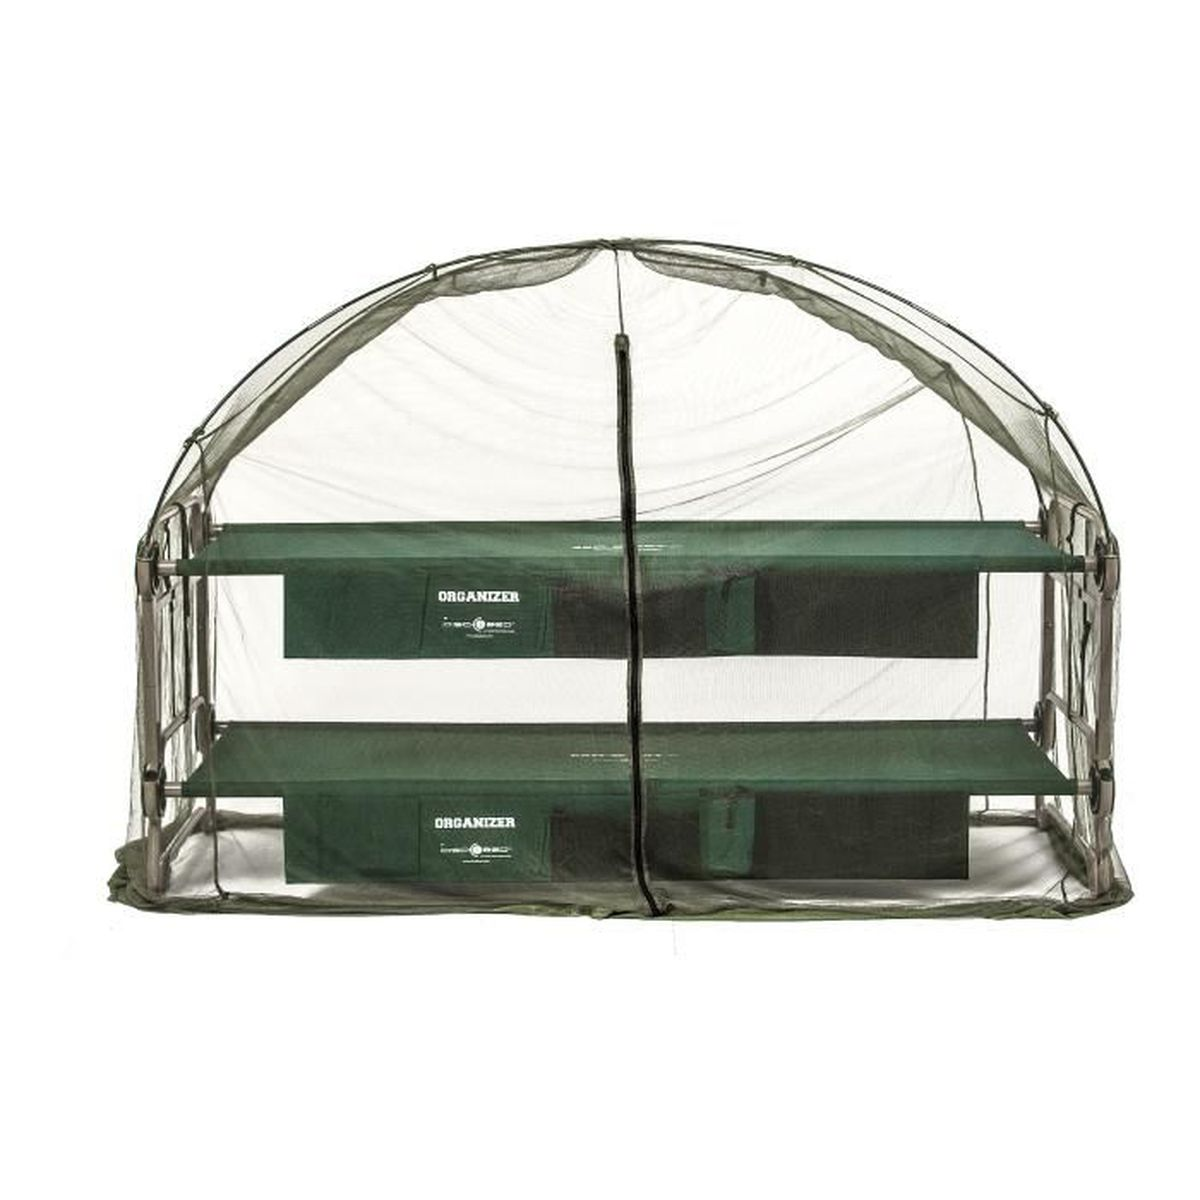 moustiquaire de lit de camping avec cadre achat vente moustiquaire de lit cdiscount. Black Bedroom Furniture Sets. Home Design Ideas